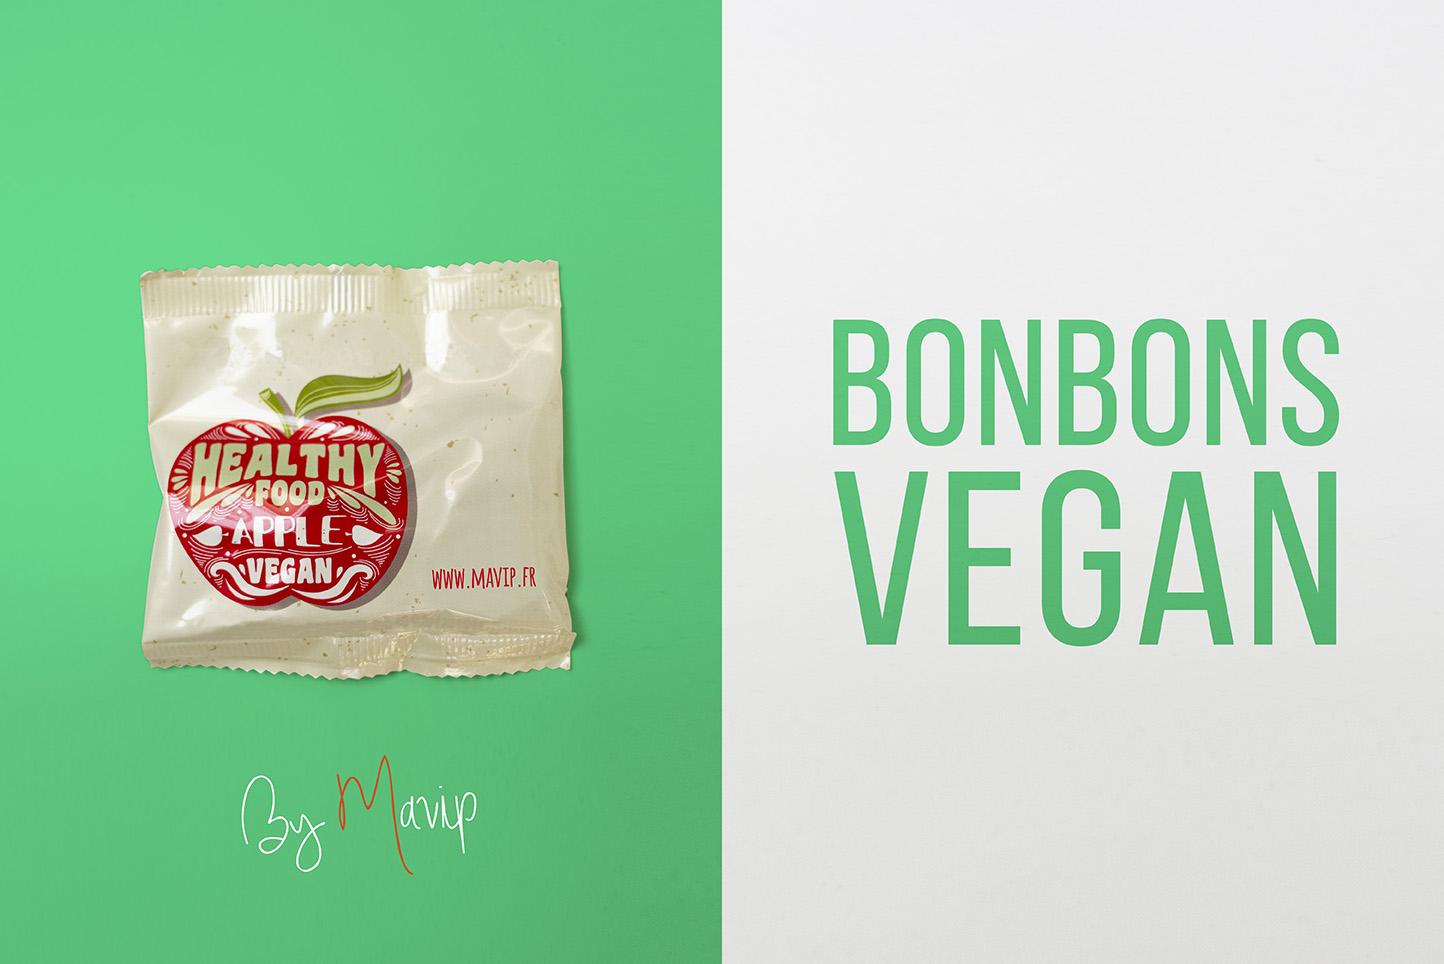 Bonbons Vegan personnalisés avec logo d'entreprise ou logo d'association